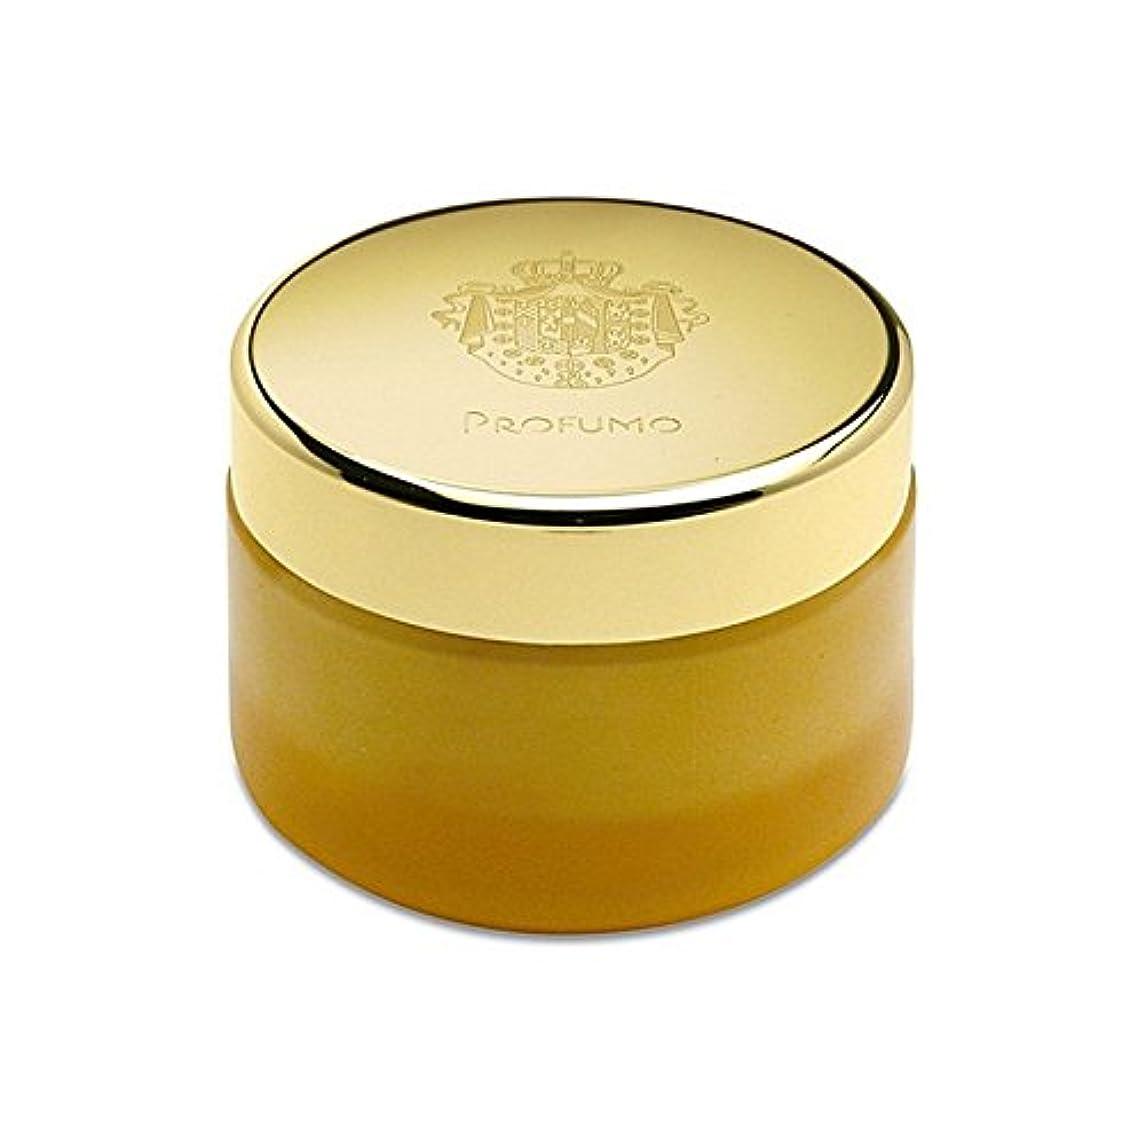 迫害ピアノ発疹アクアディパルマボディクリーム200ミリリットル x4 - Acqua Di Parma Profumo Body Cream 200ml (Pack of 4) [並行輸入品]